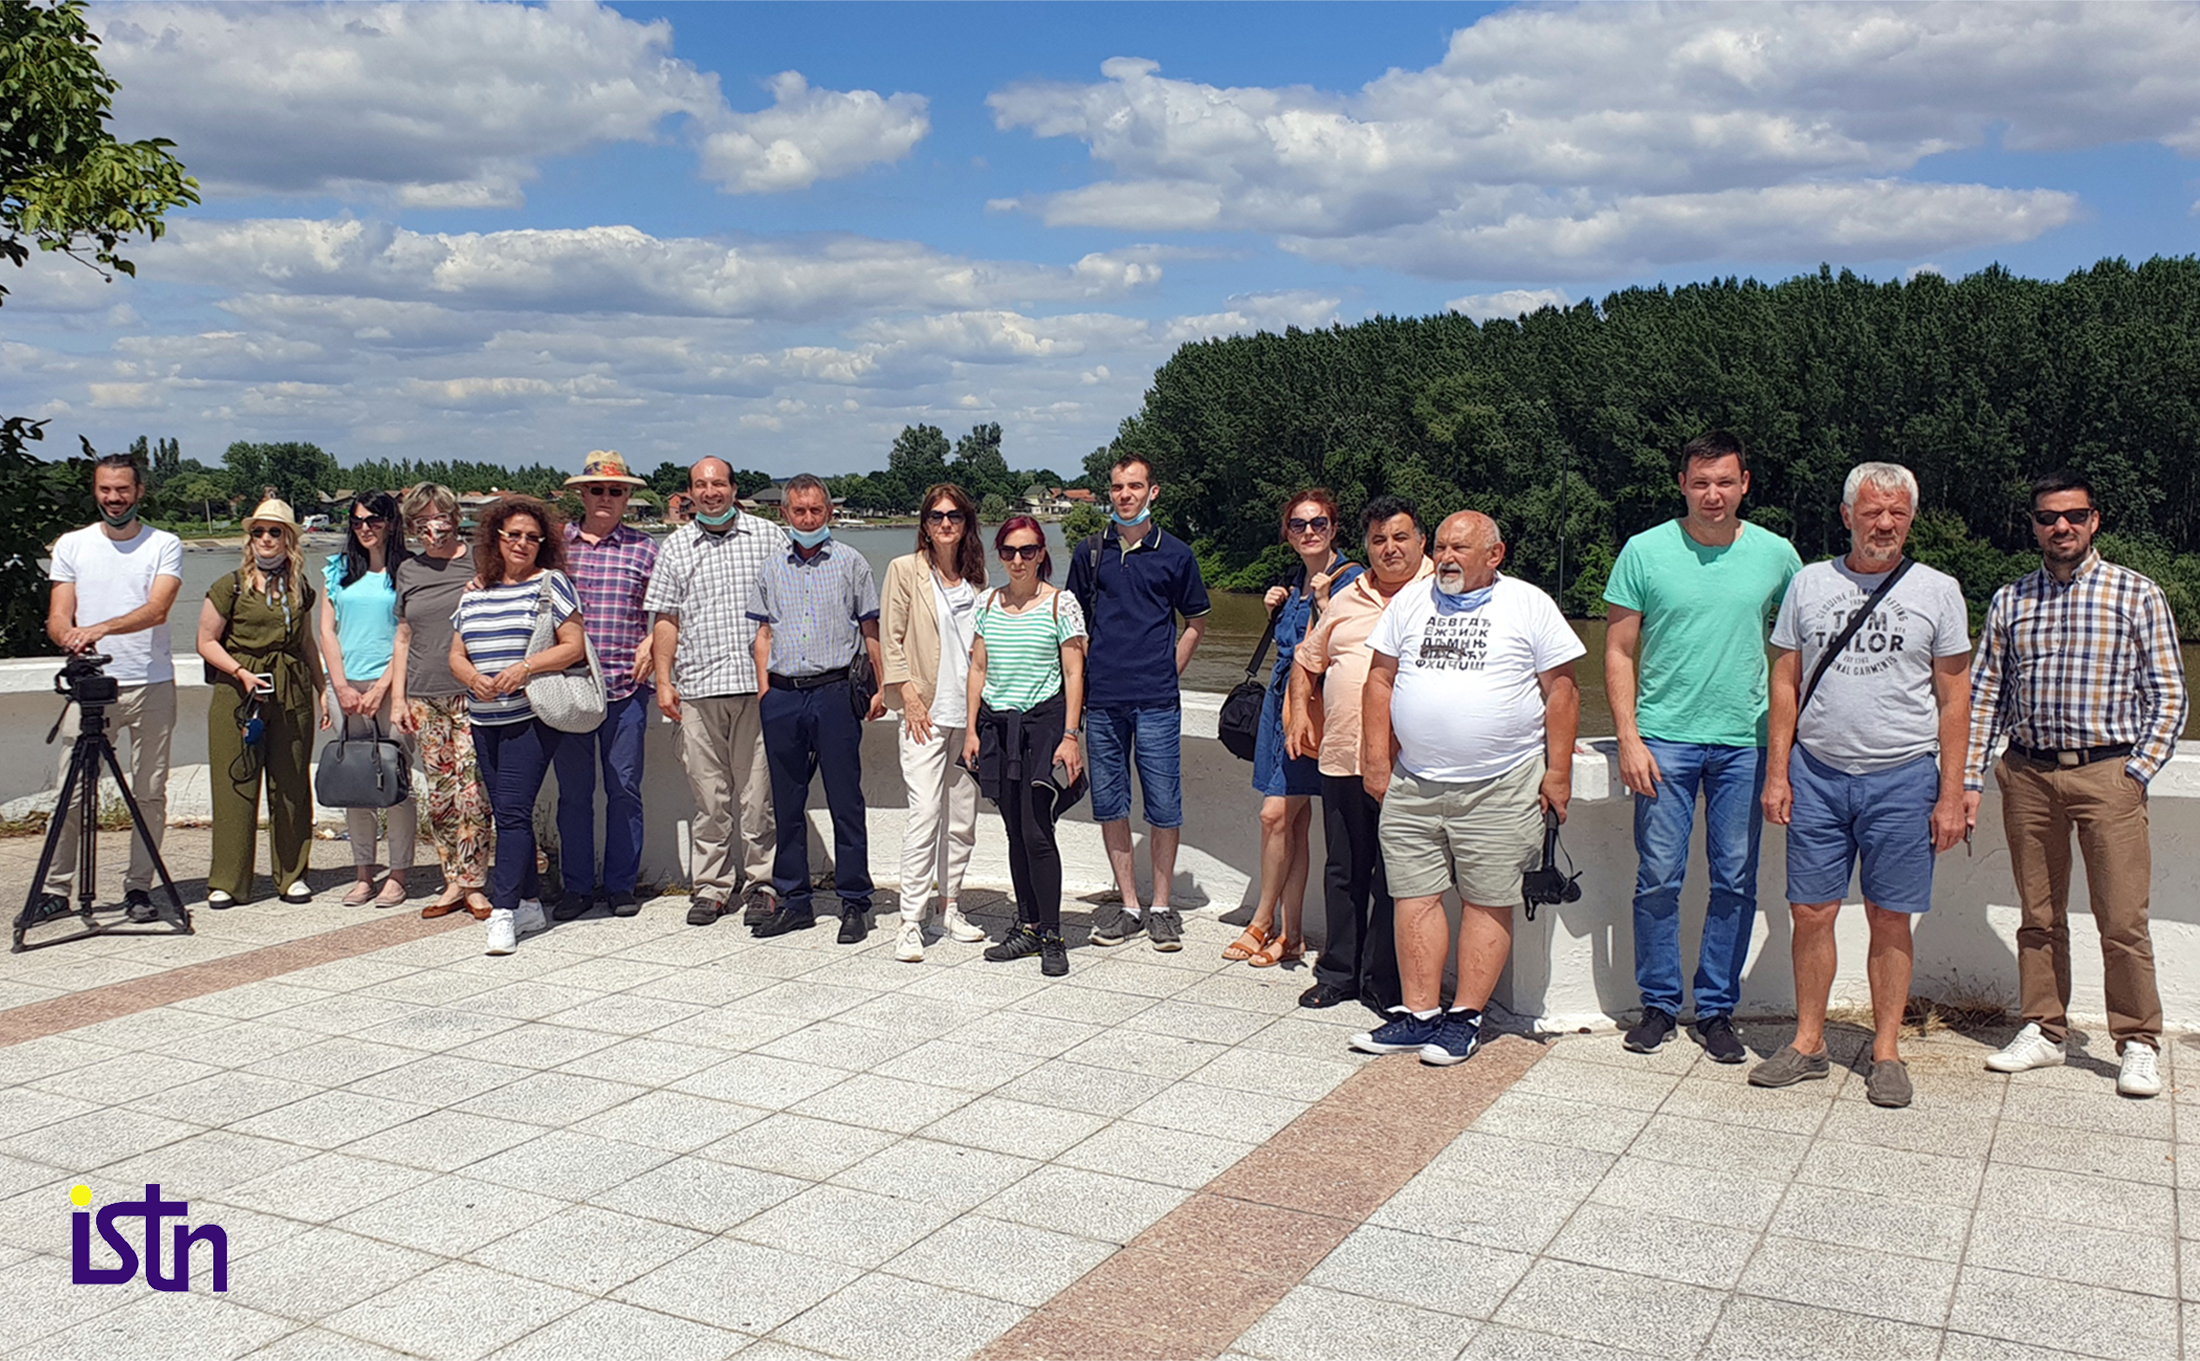 Predstavnici projekta IDENTIS i turisticki novinari obilaze Potisje, ISTN